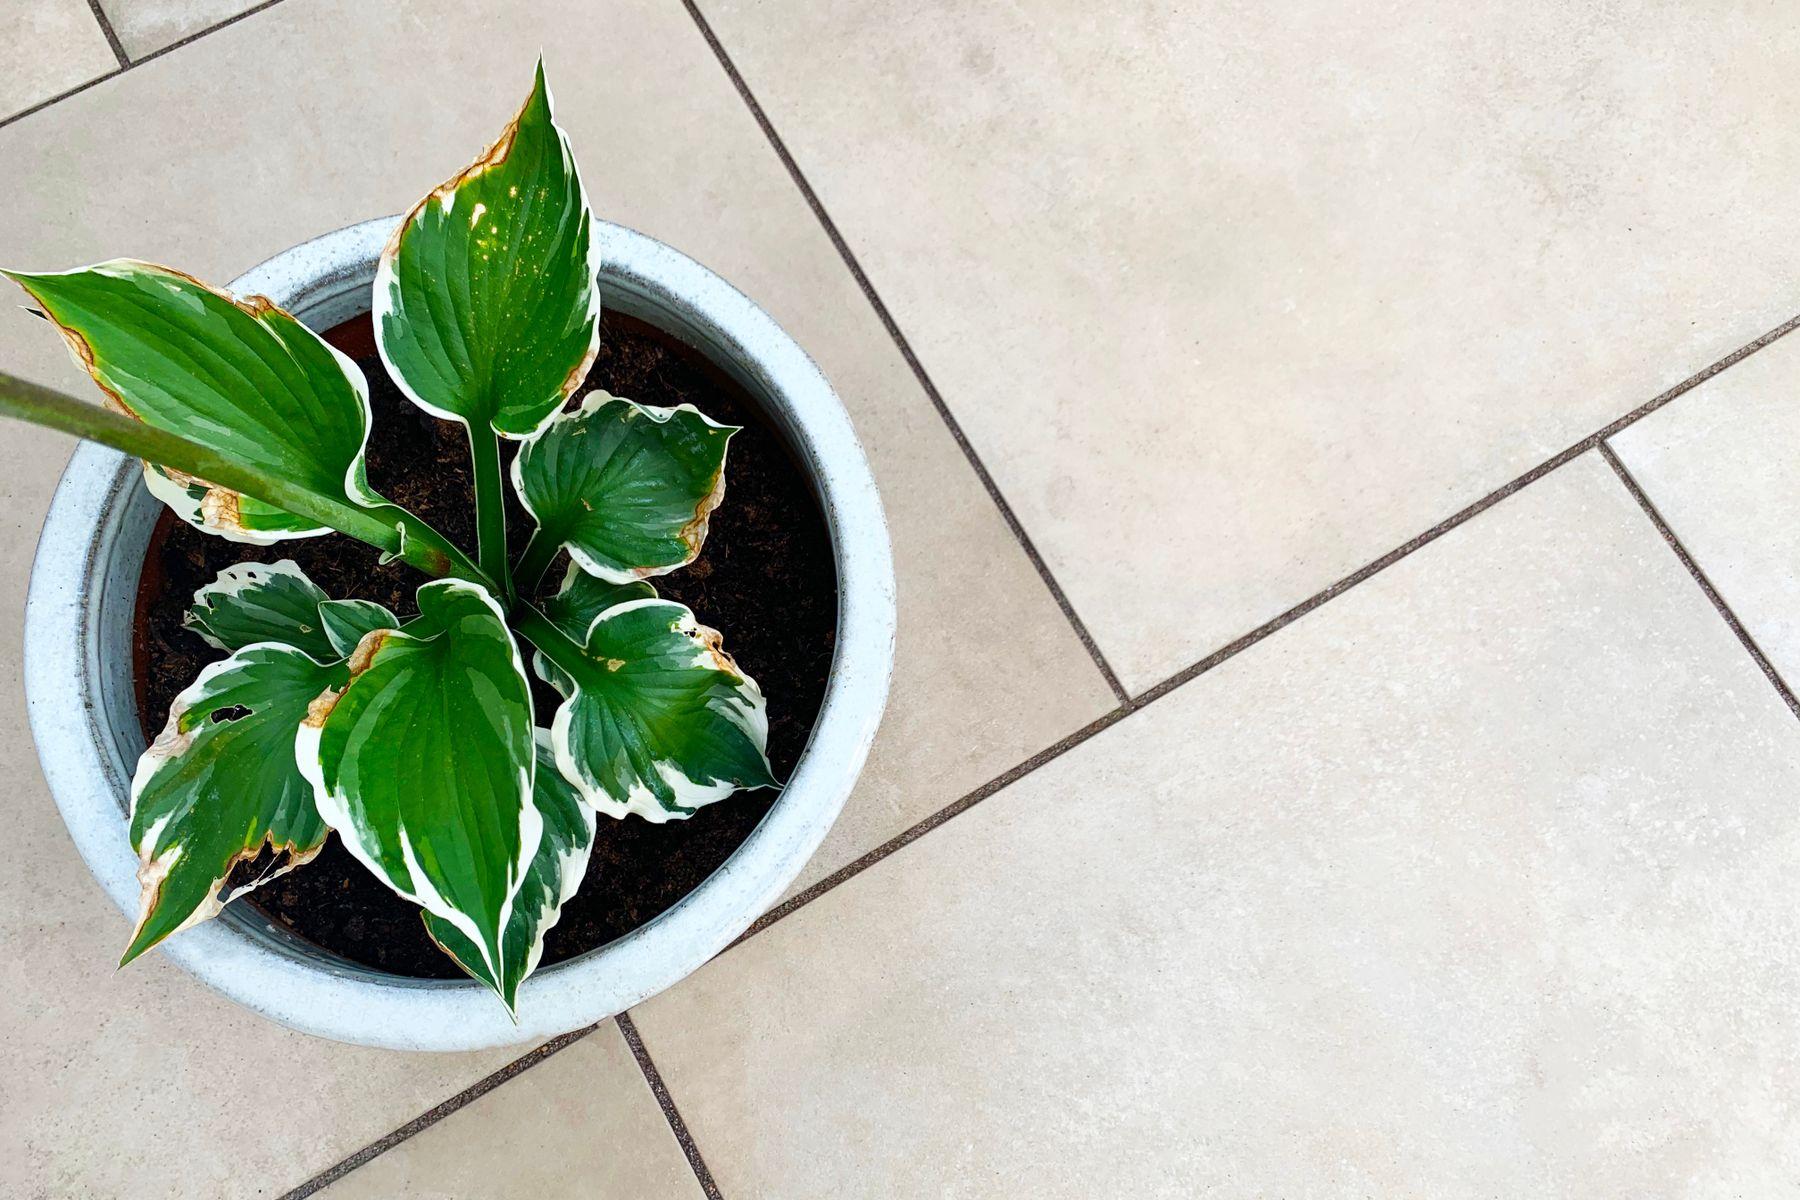 Porcelanato bege com vaso de planta de folhagens verdes em cima